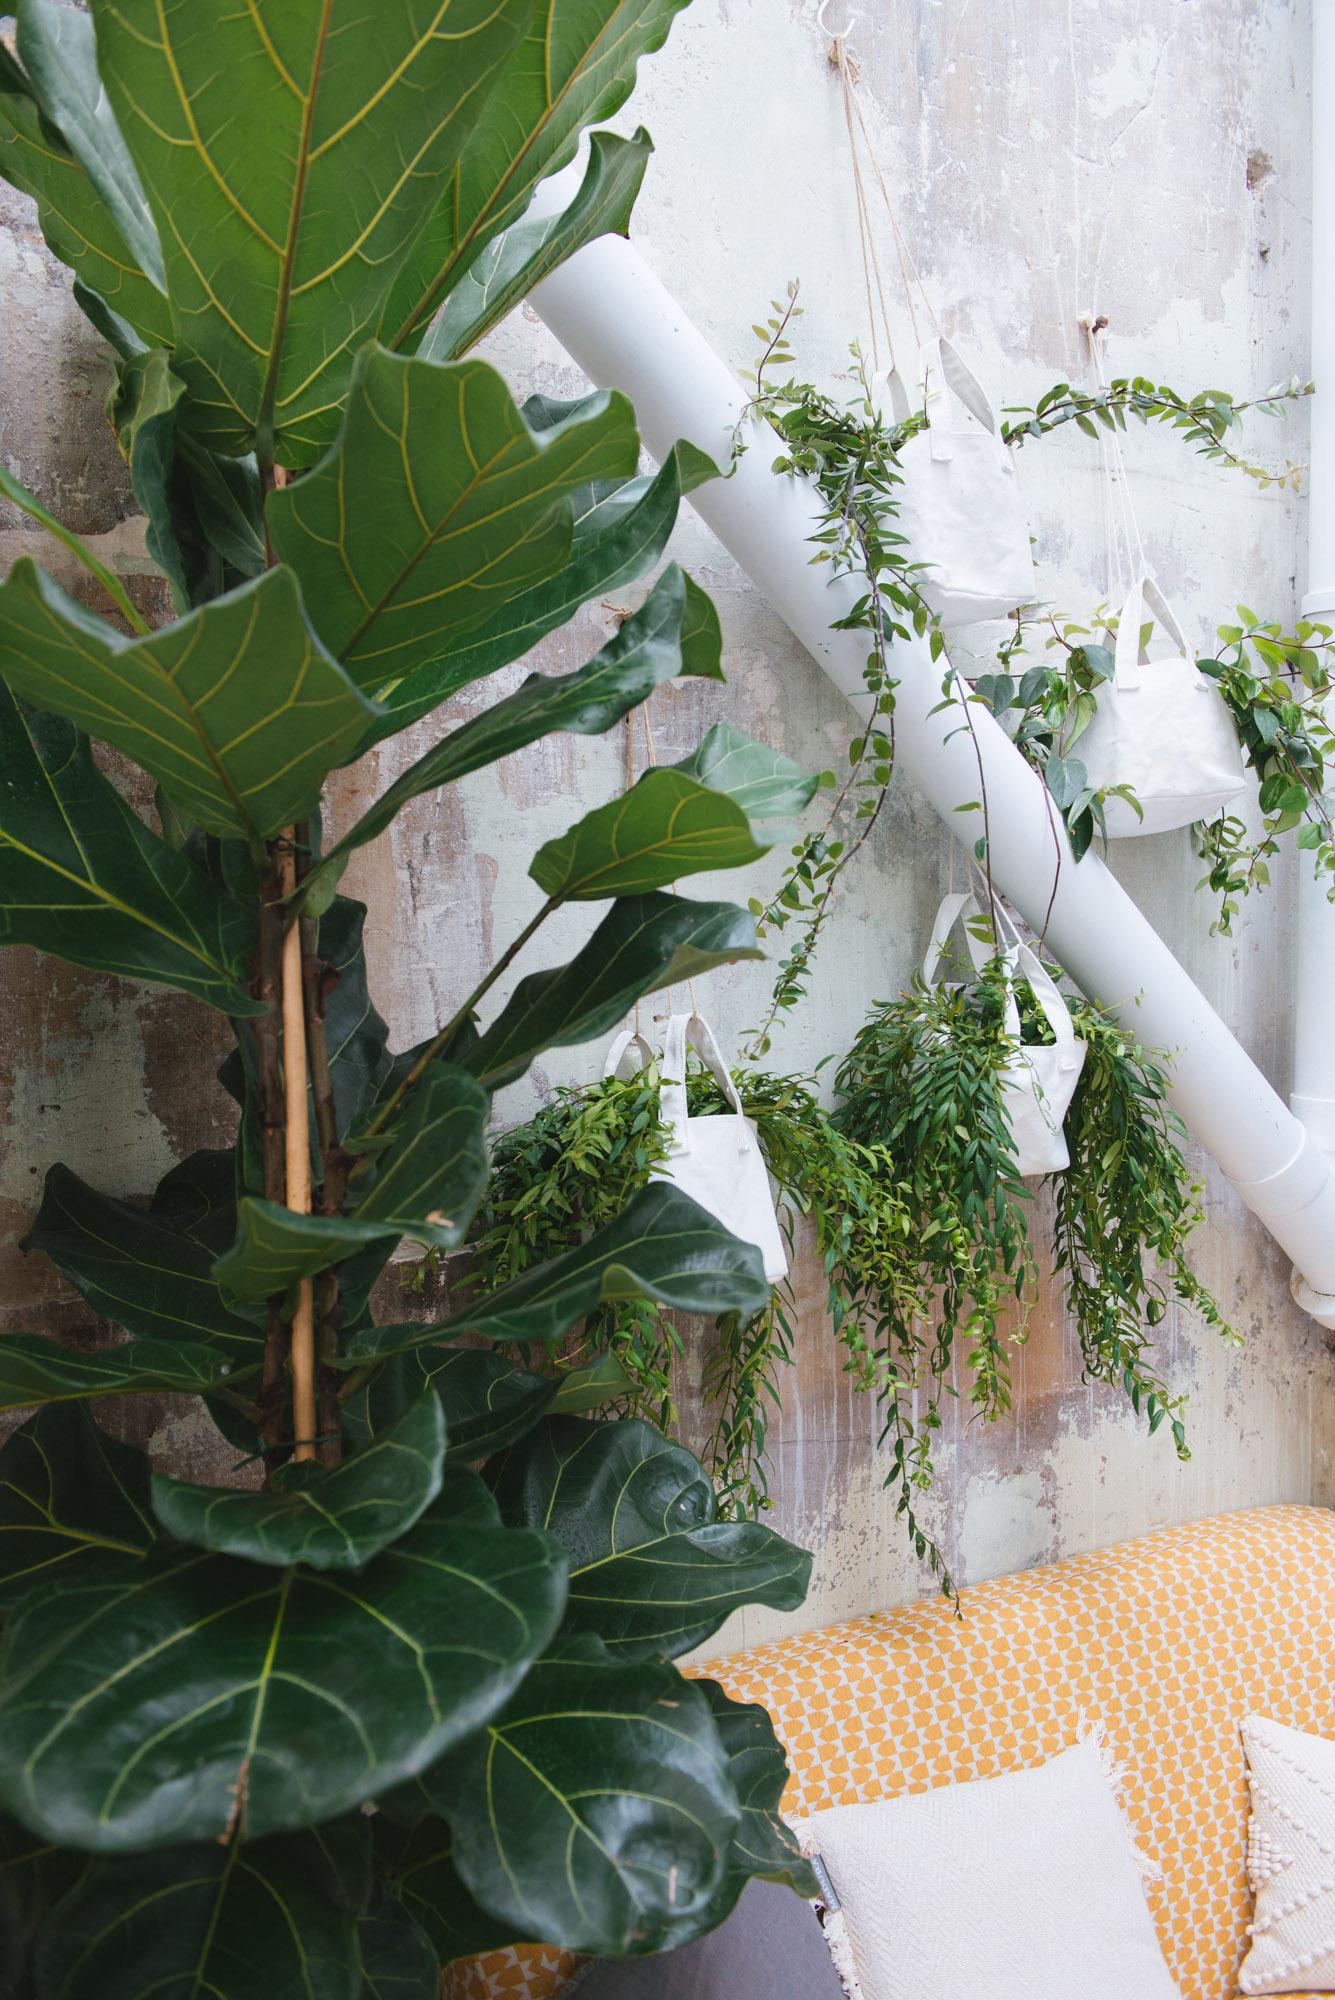 ficus lyrata plantes à suspendre bien être travail décoration végétale végétalisation